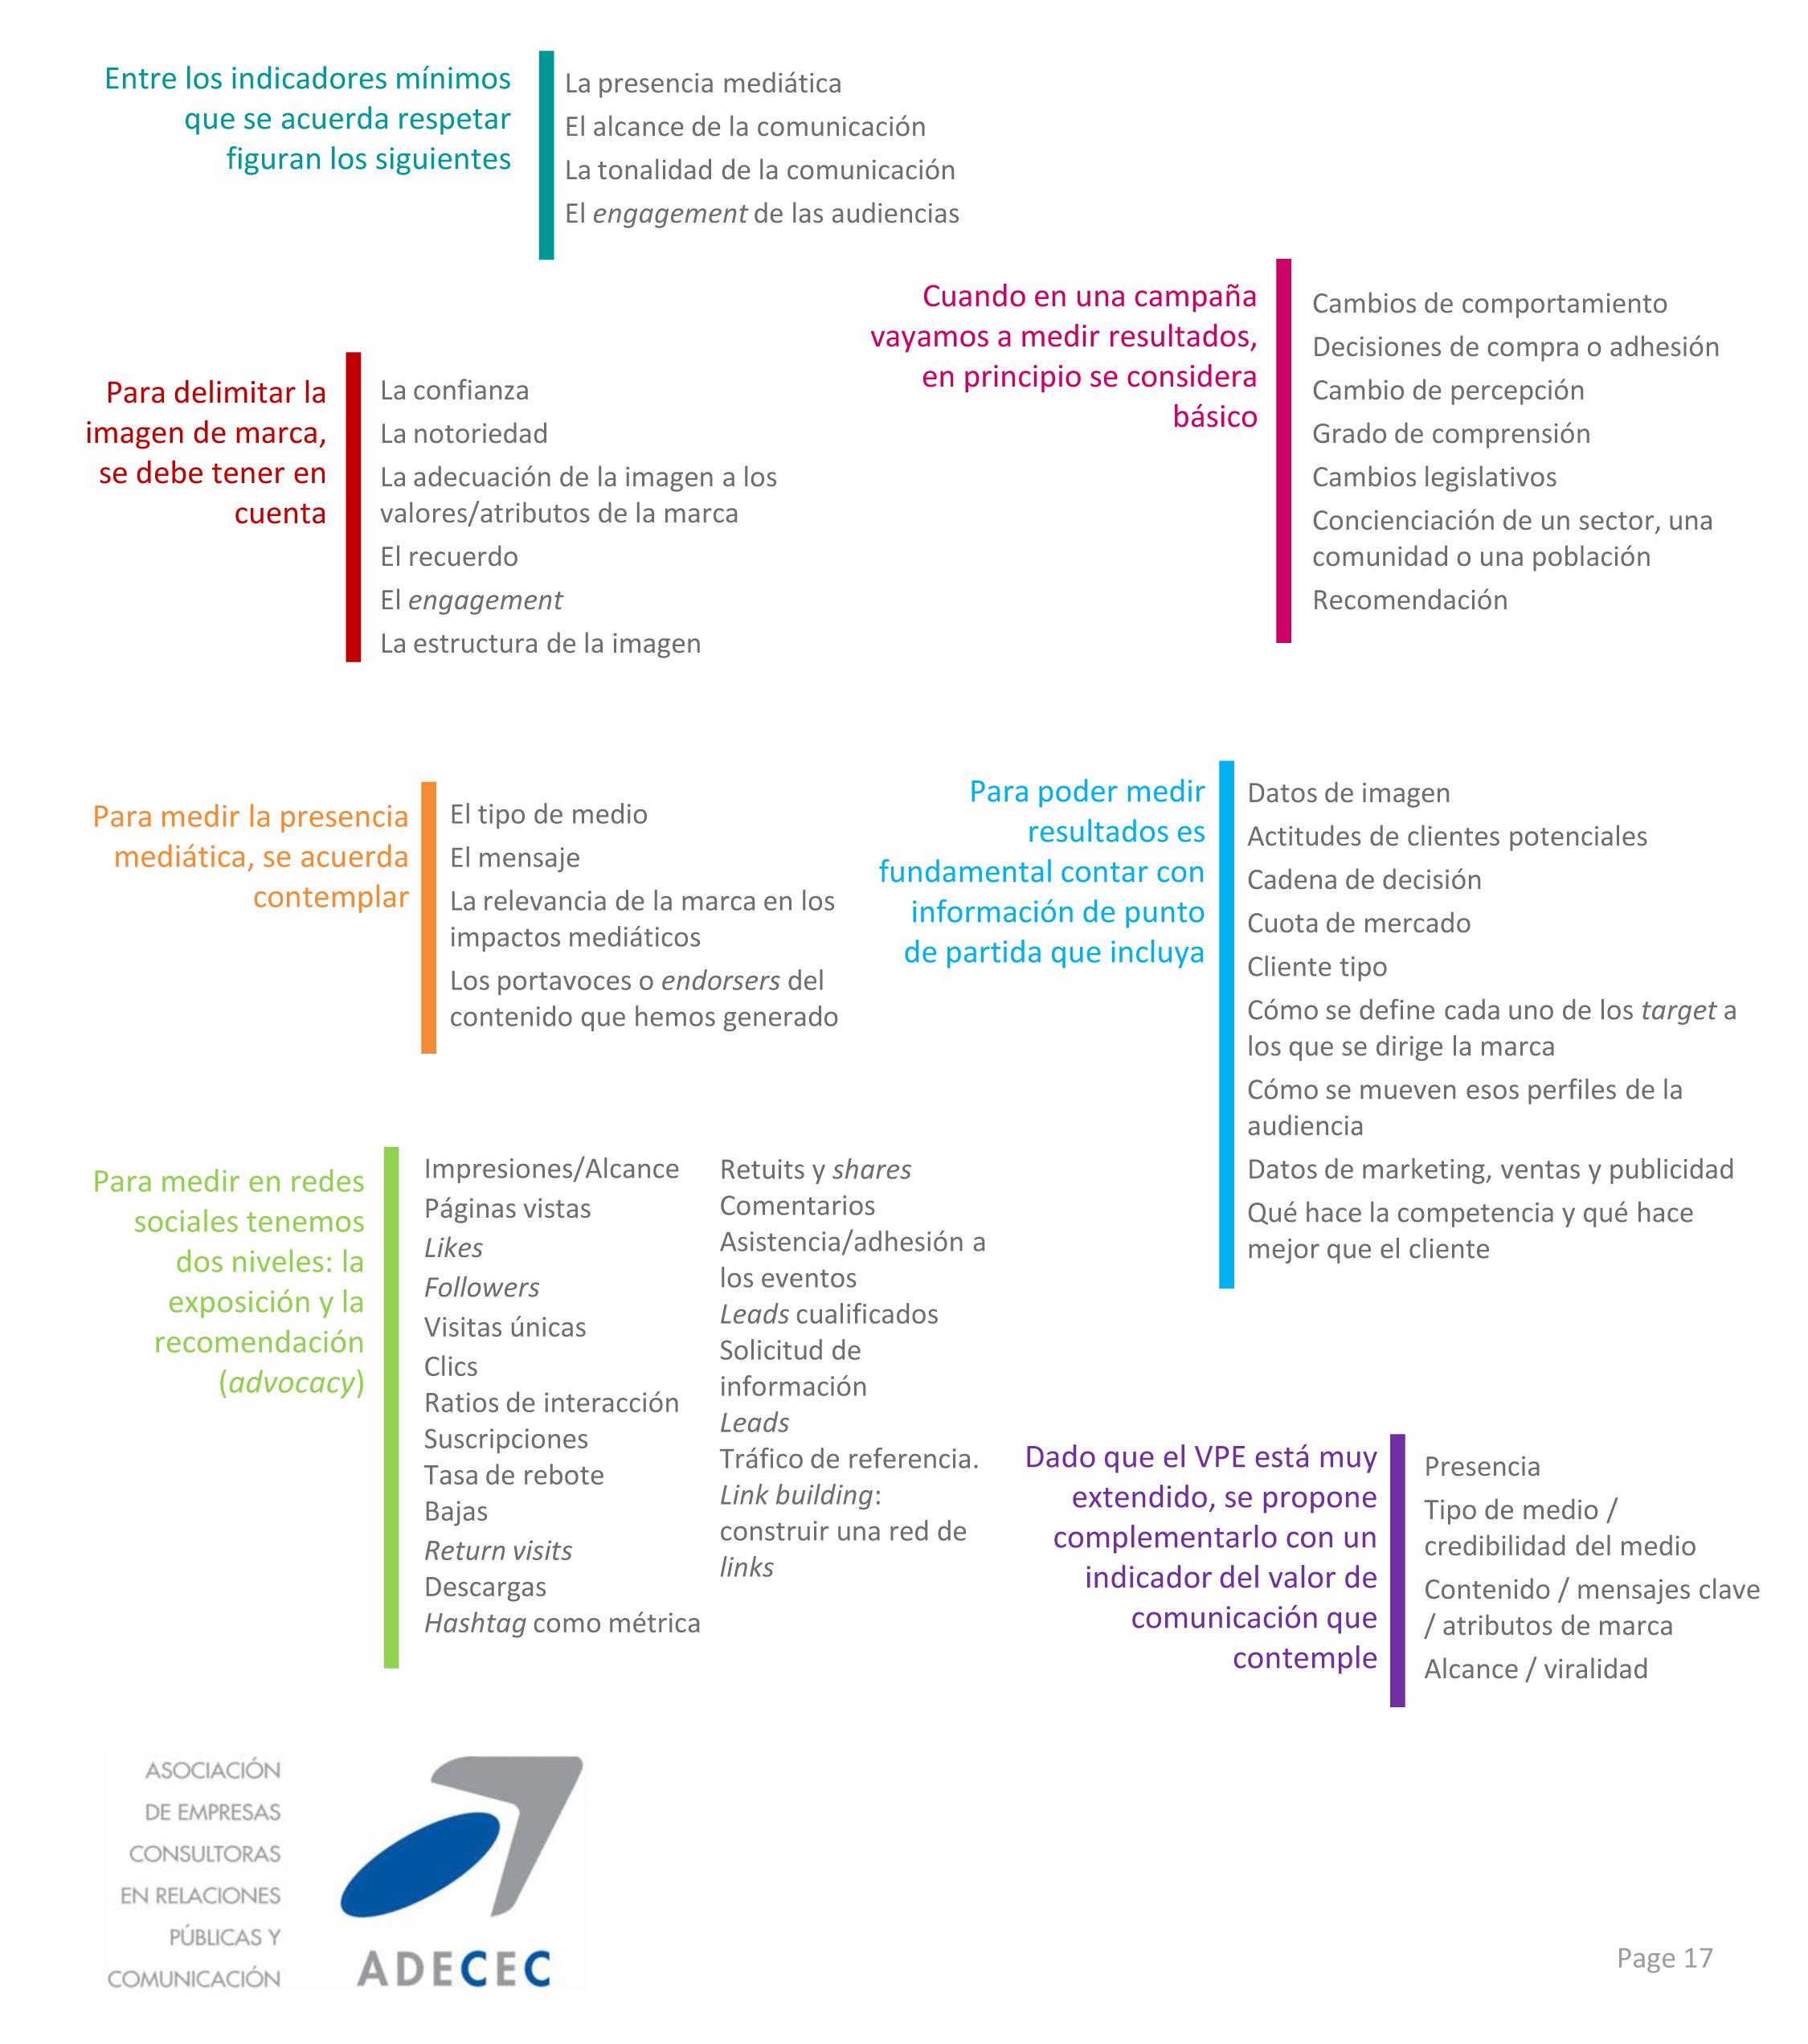 Guía práctica de la medición para la comunicación y las RRPP - acuedos alcanzados